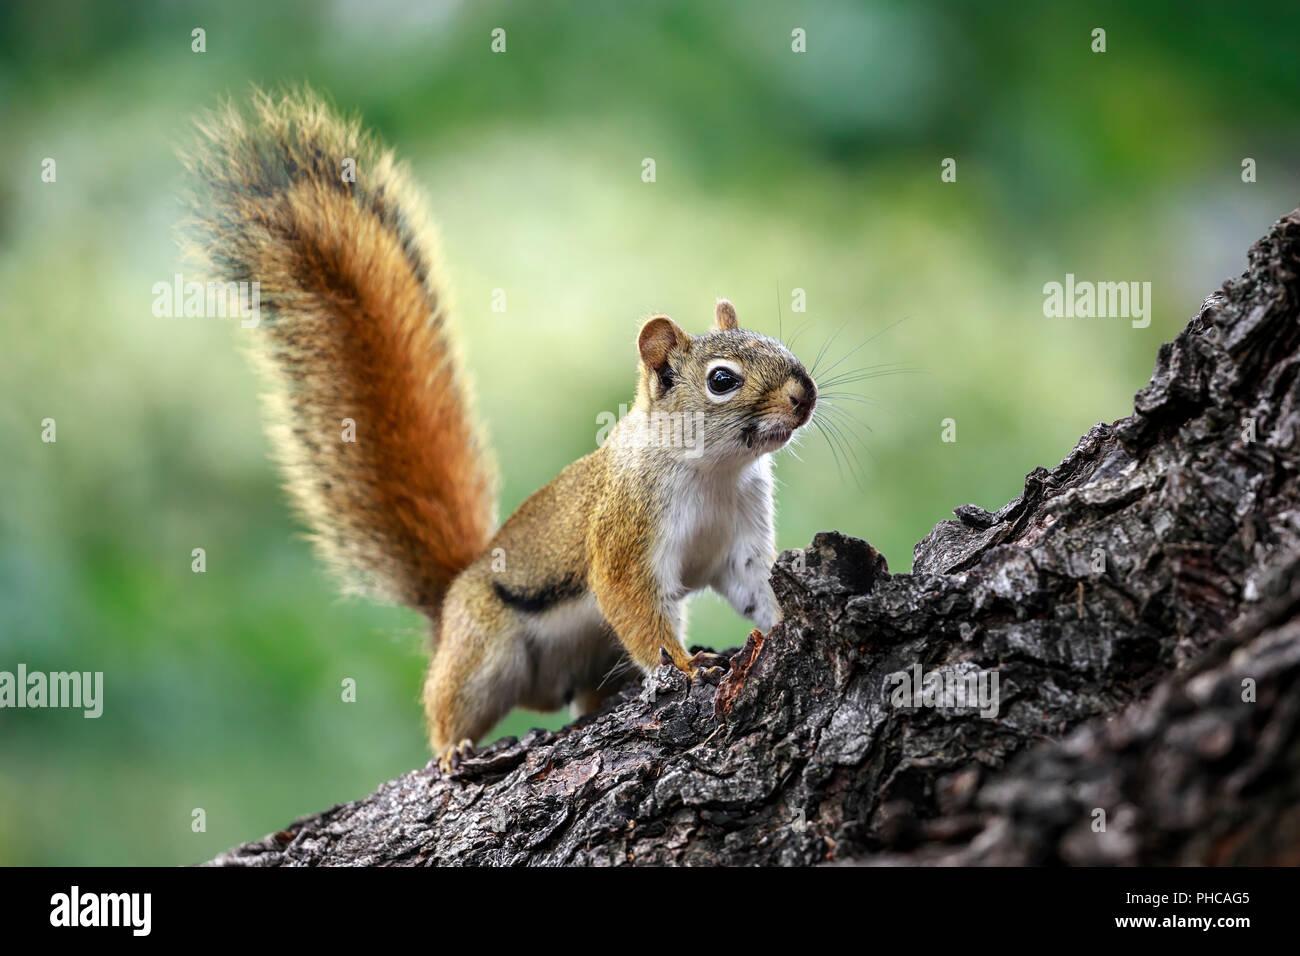 Amerikanische rote Eichhörnchen auf Zweig der Baumstruktur, Tamiasciurus hudsonicus, Manitoba, Kanada. Stockbild